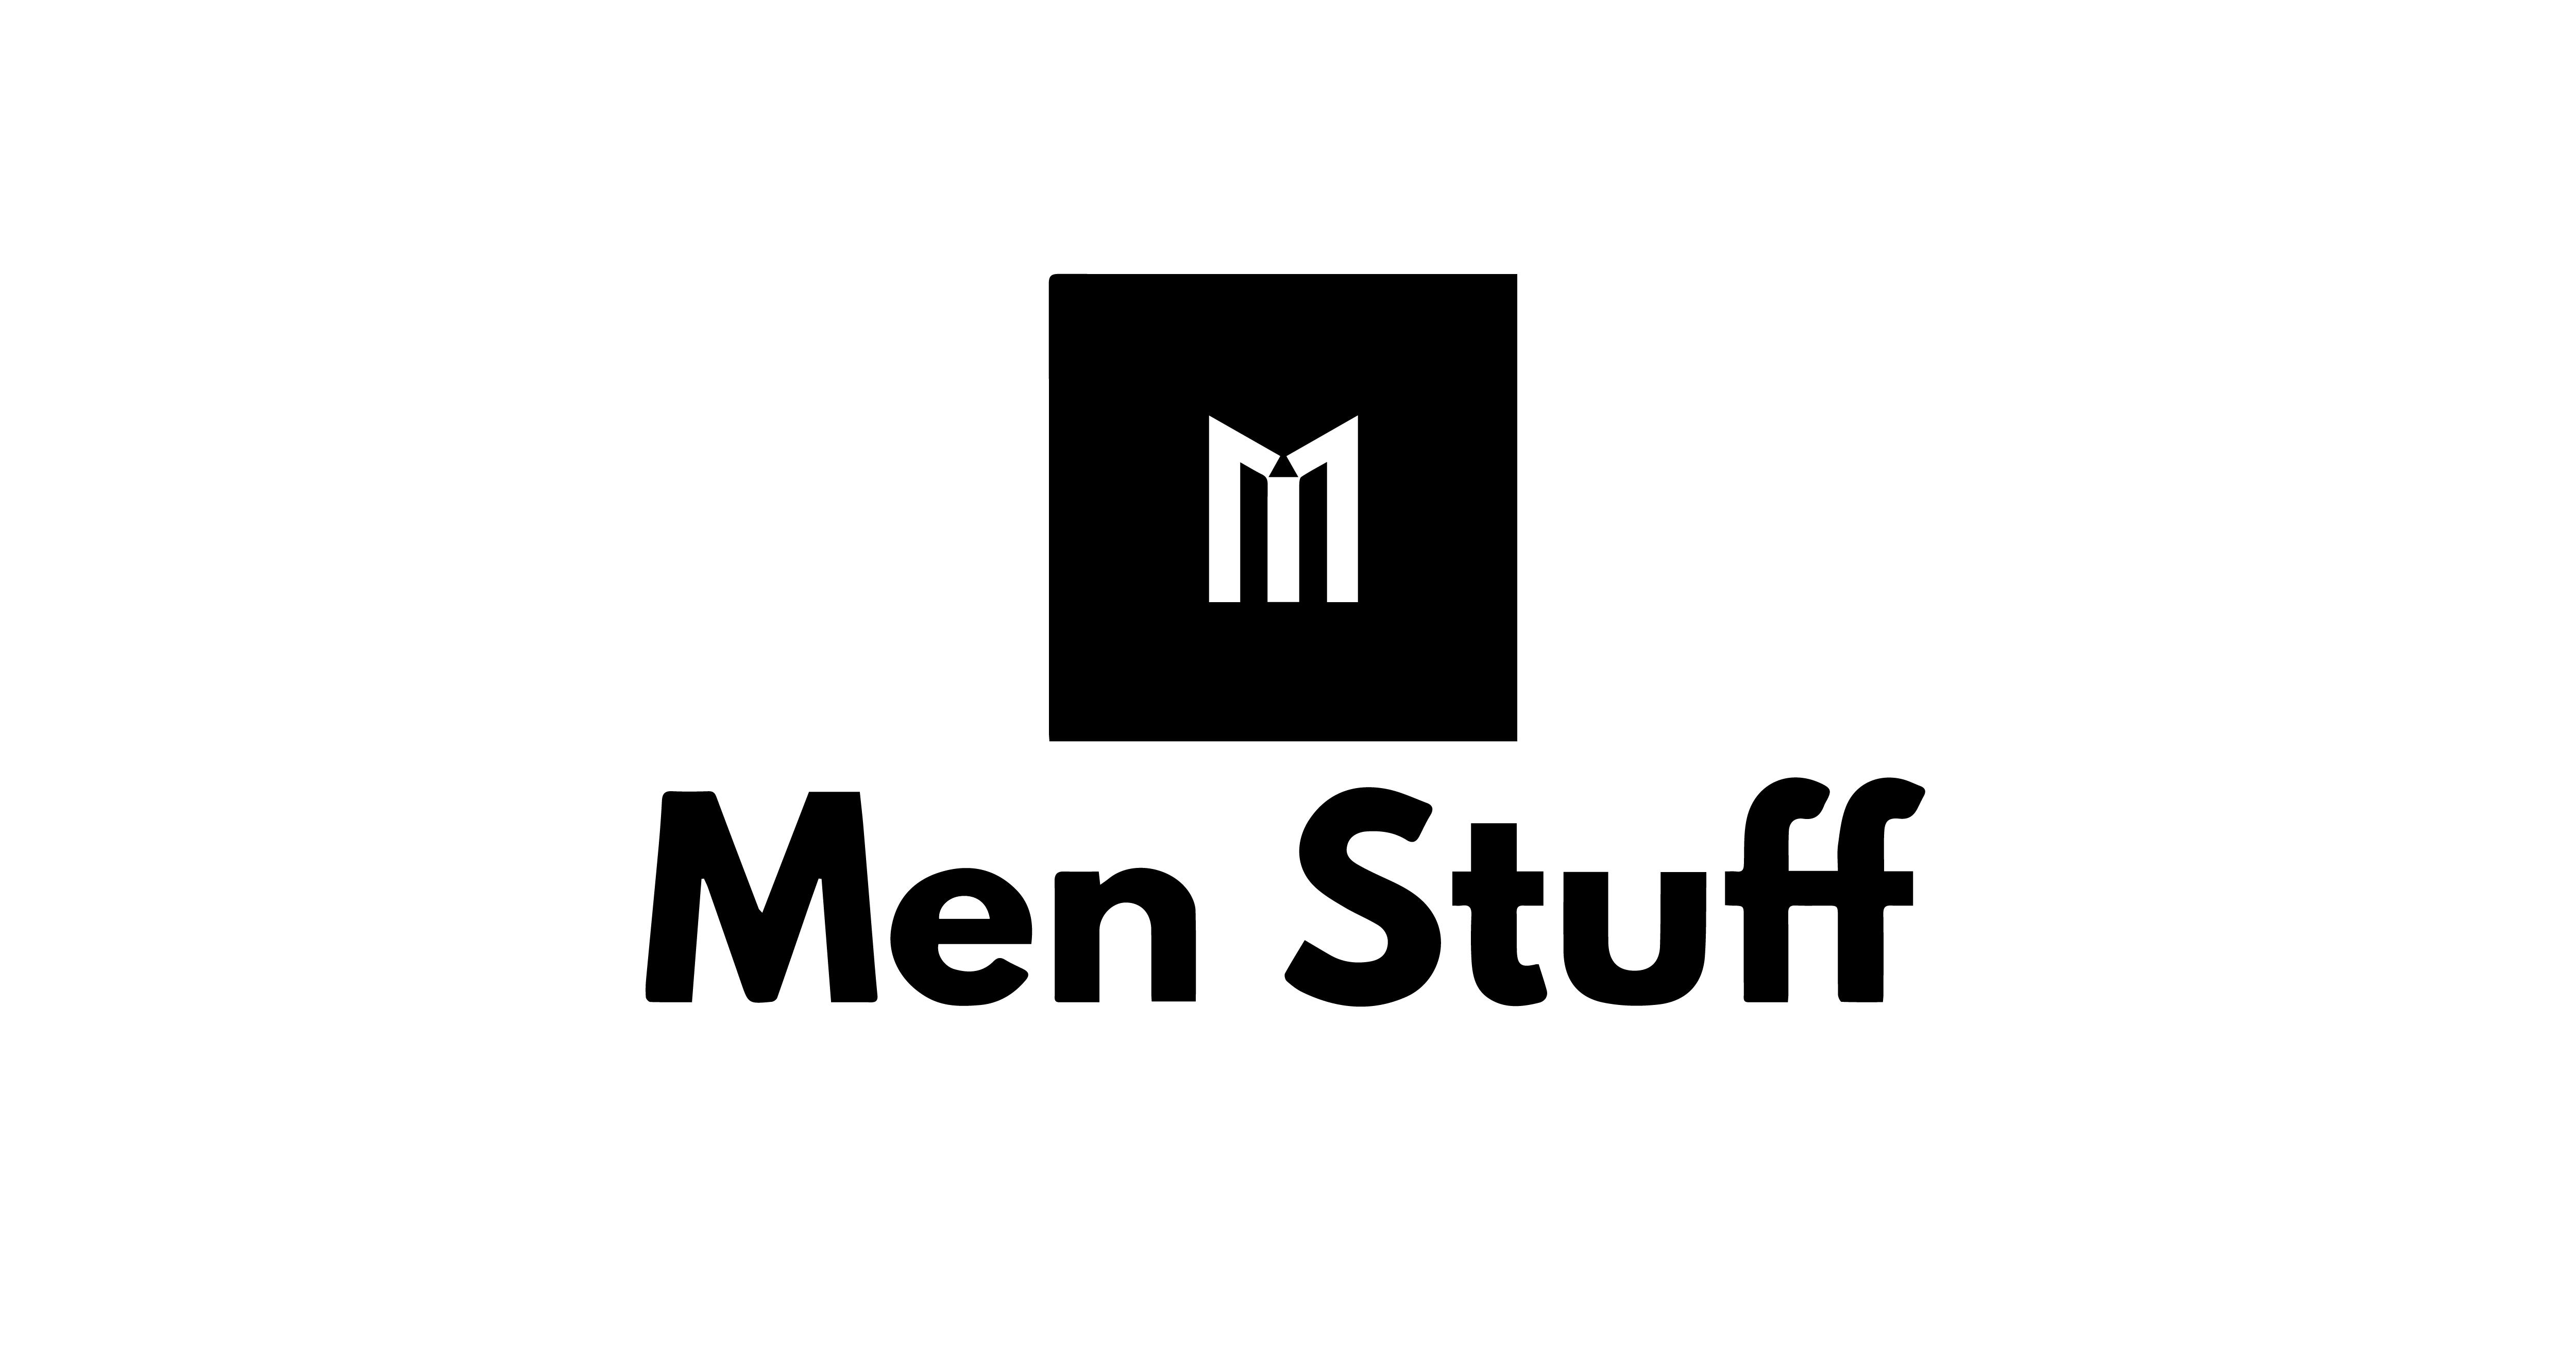 MenStuff Steve